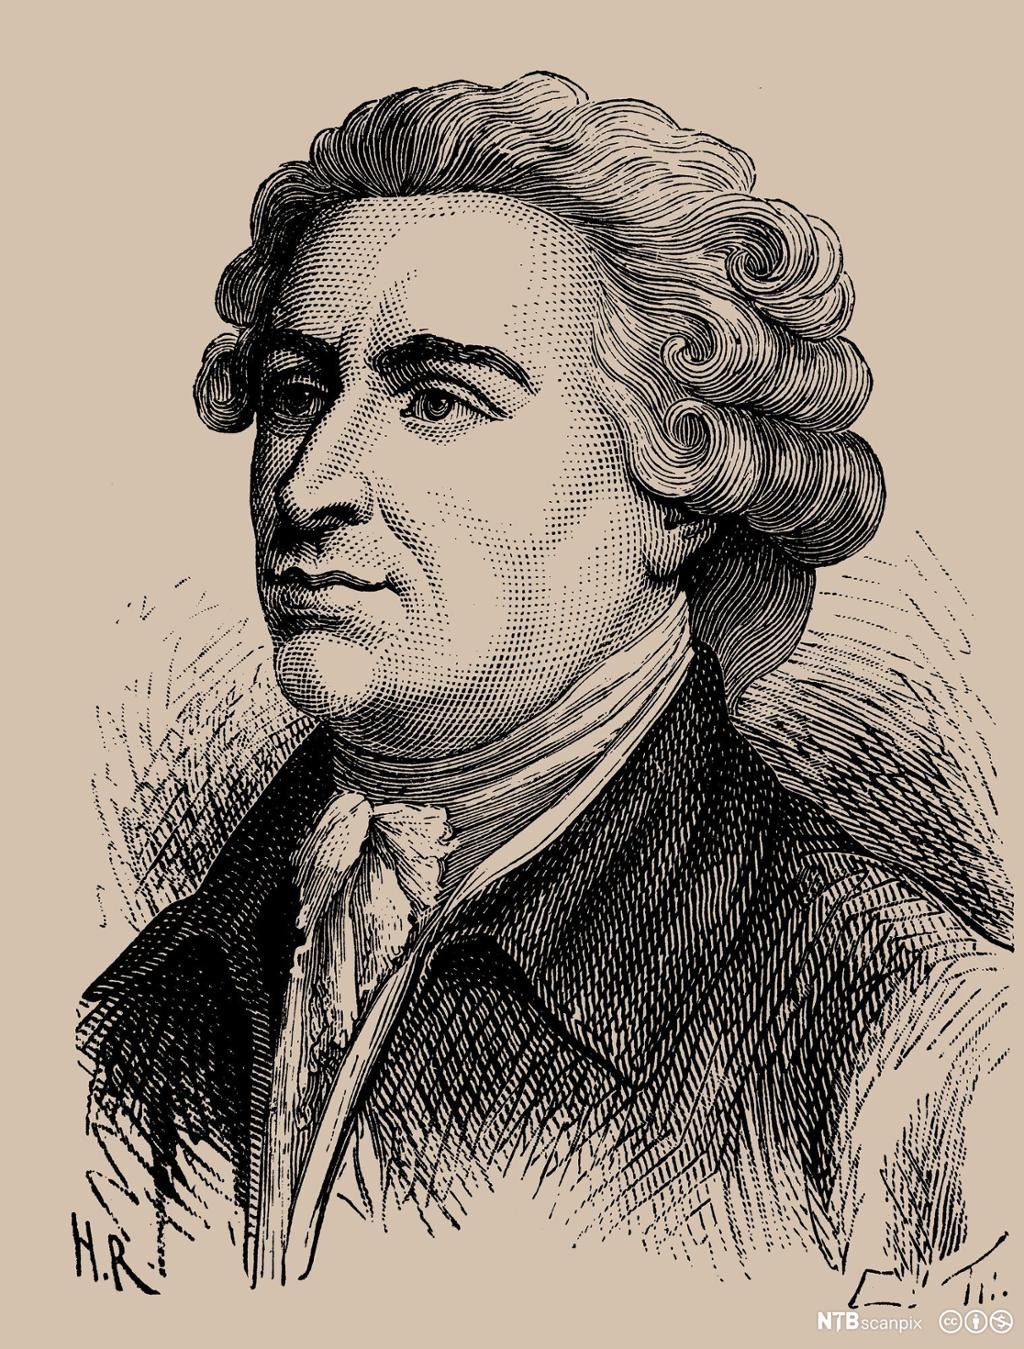 Tegnet portrett av den britiske statsmannen og filosofen Edmund Burke. Trykk.